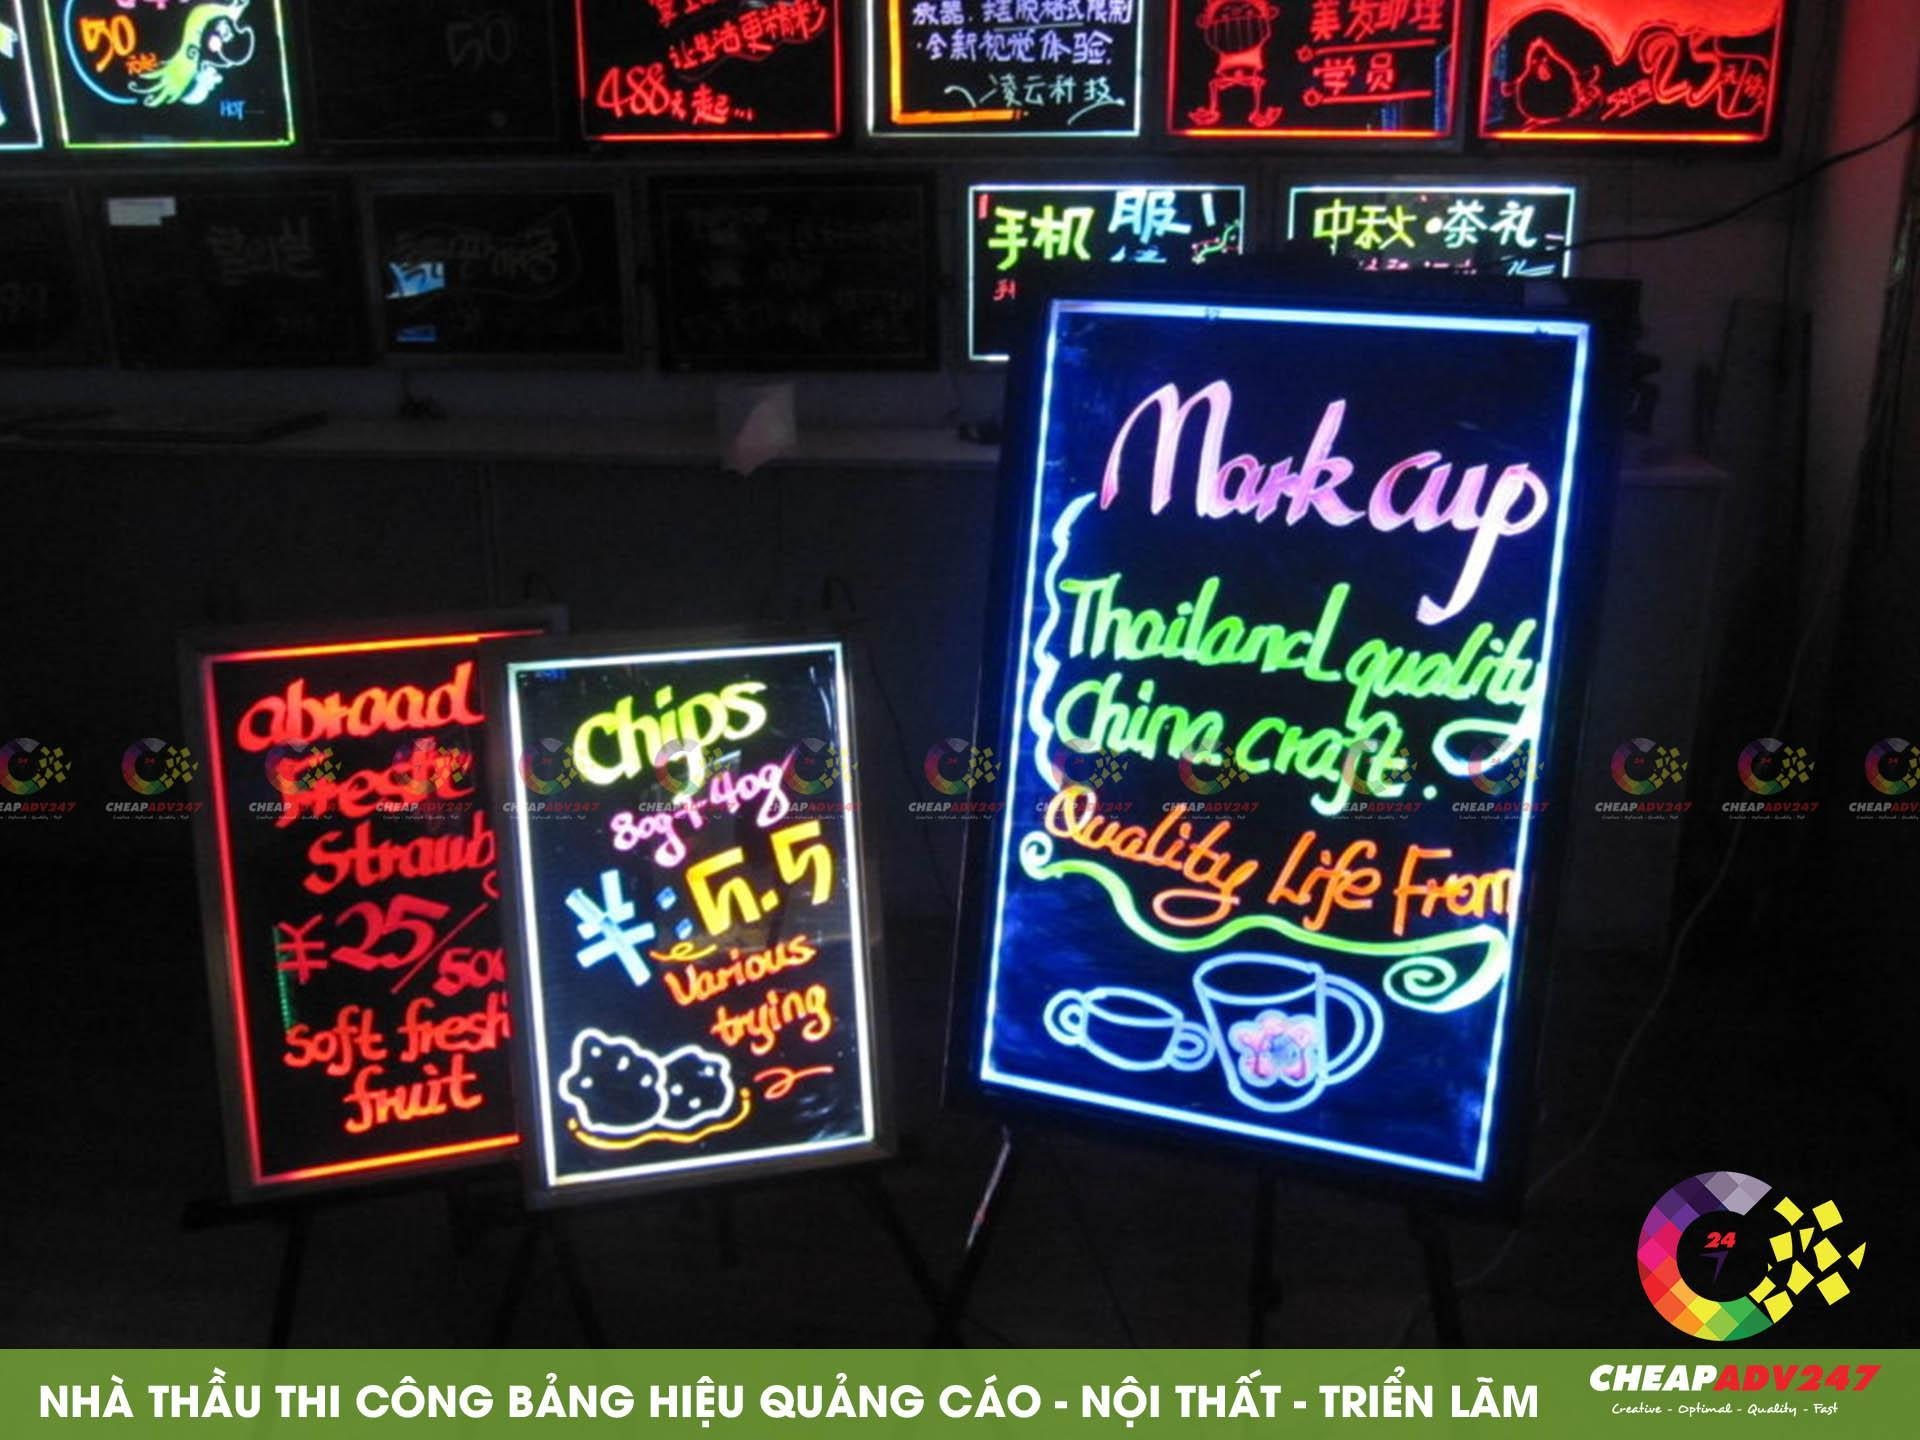 ảnh mẫu làm bảng hiệu đèn led đẹp tại cheapadv247 - ảnh 4